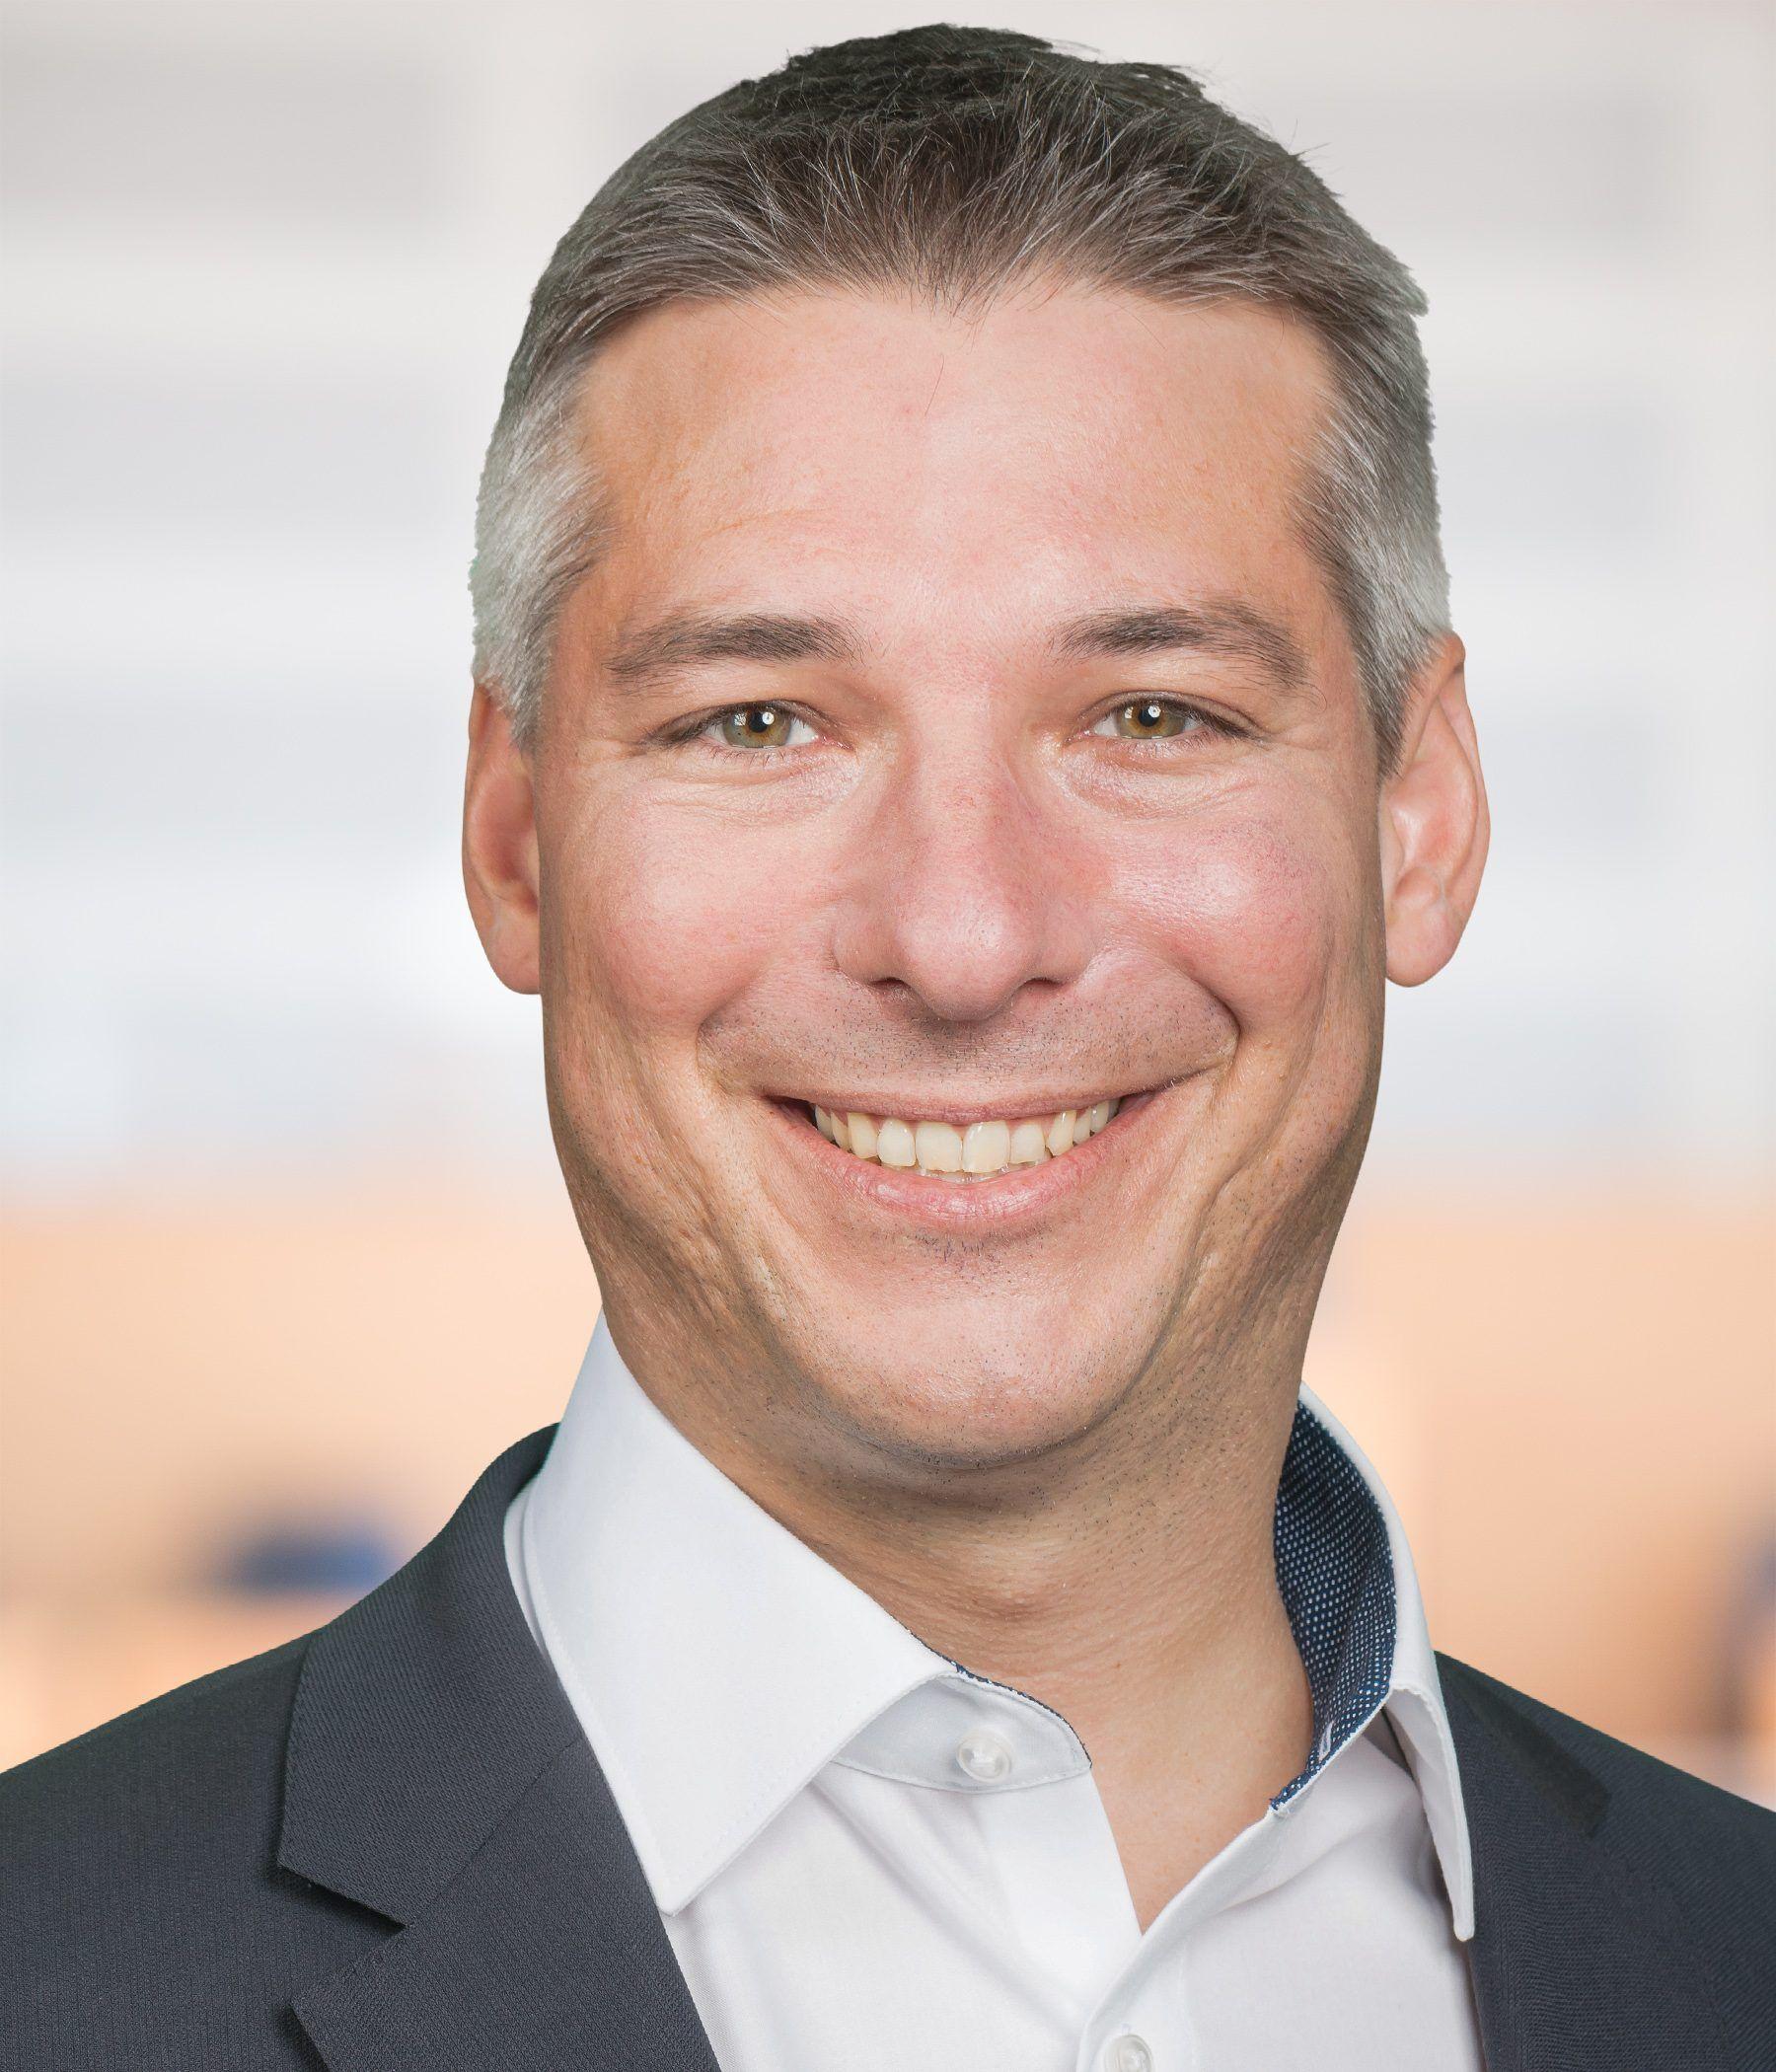 CDU Fraktion des Saarlandes: Funk und Commerçon unterstützen Saarland Modell und Rückkehr zur Vollpräsenz an Schulen in Verbindung mit allgemeiner Testpflicht